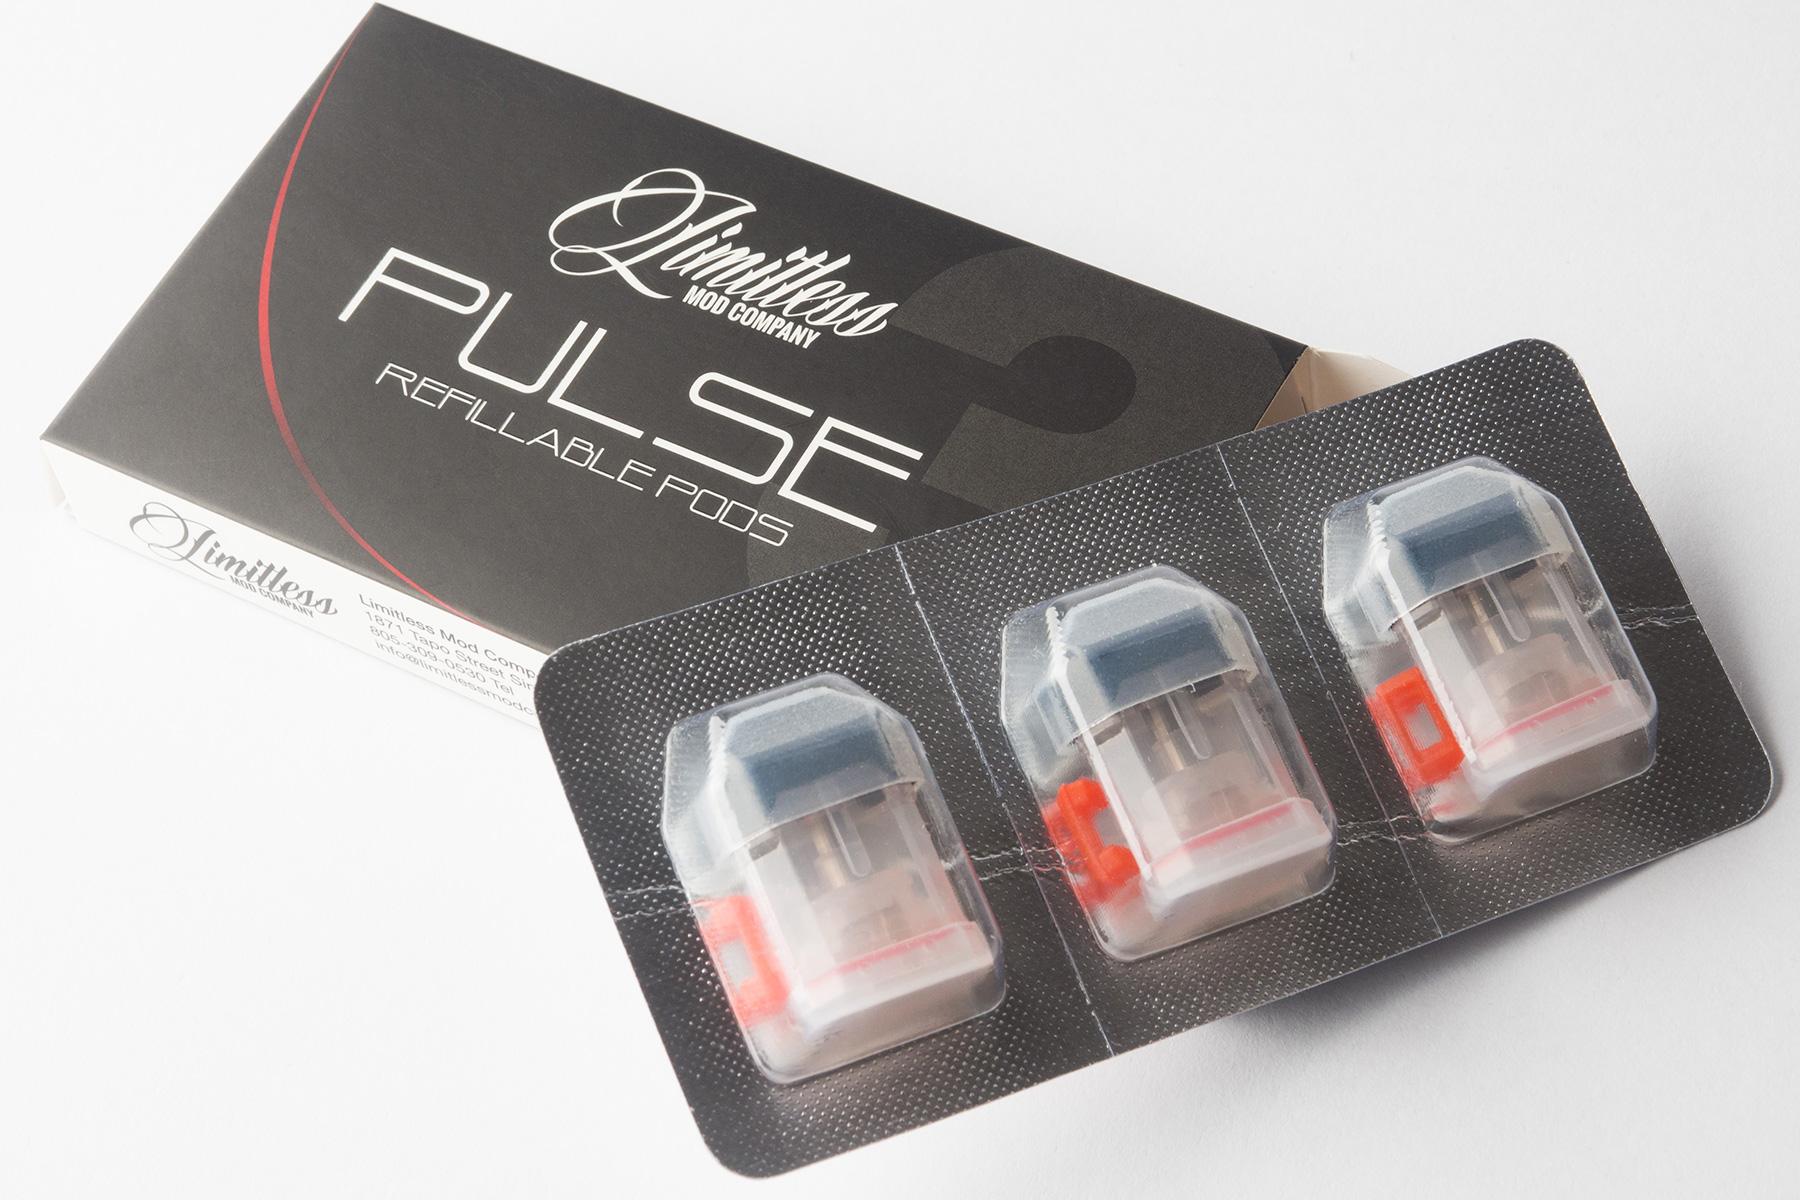 【アスターターキット】Pulse Innovative Pod System 「パルス」 (Limitless/リミットレス) レビュー